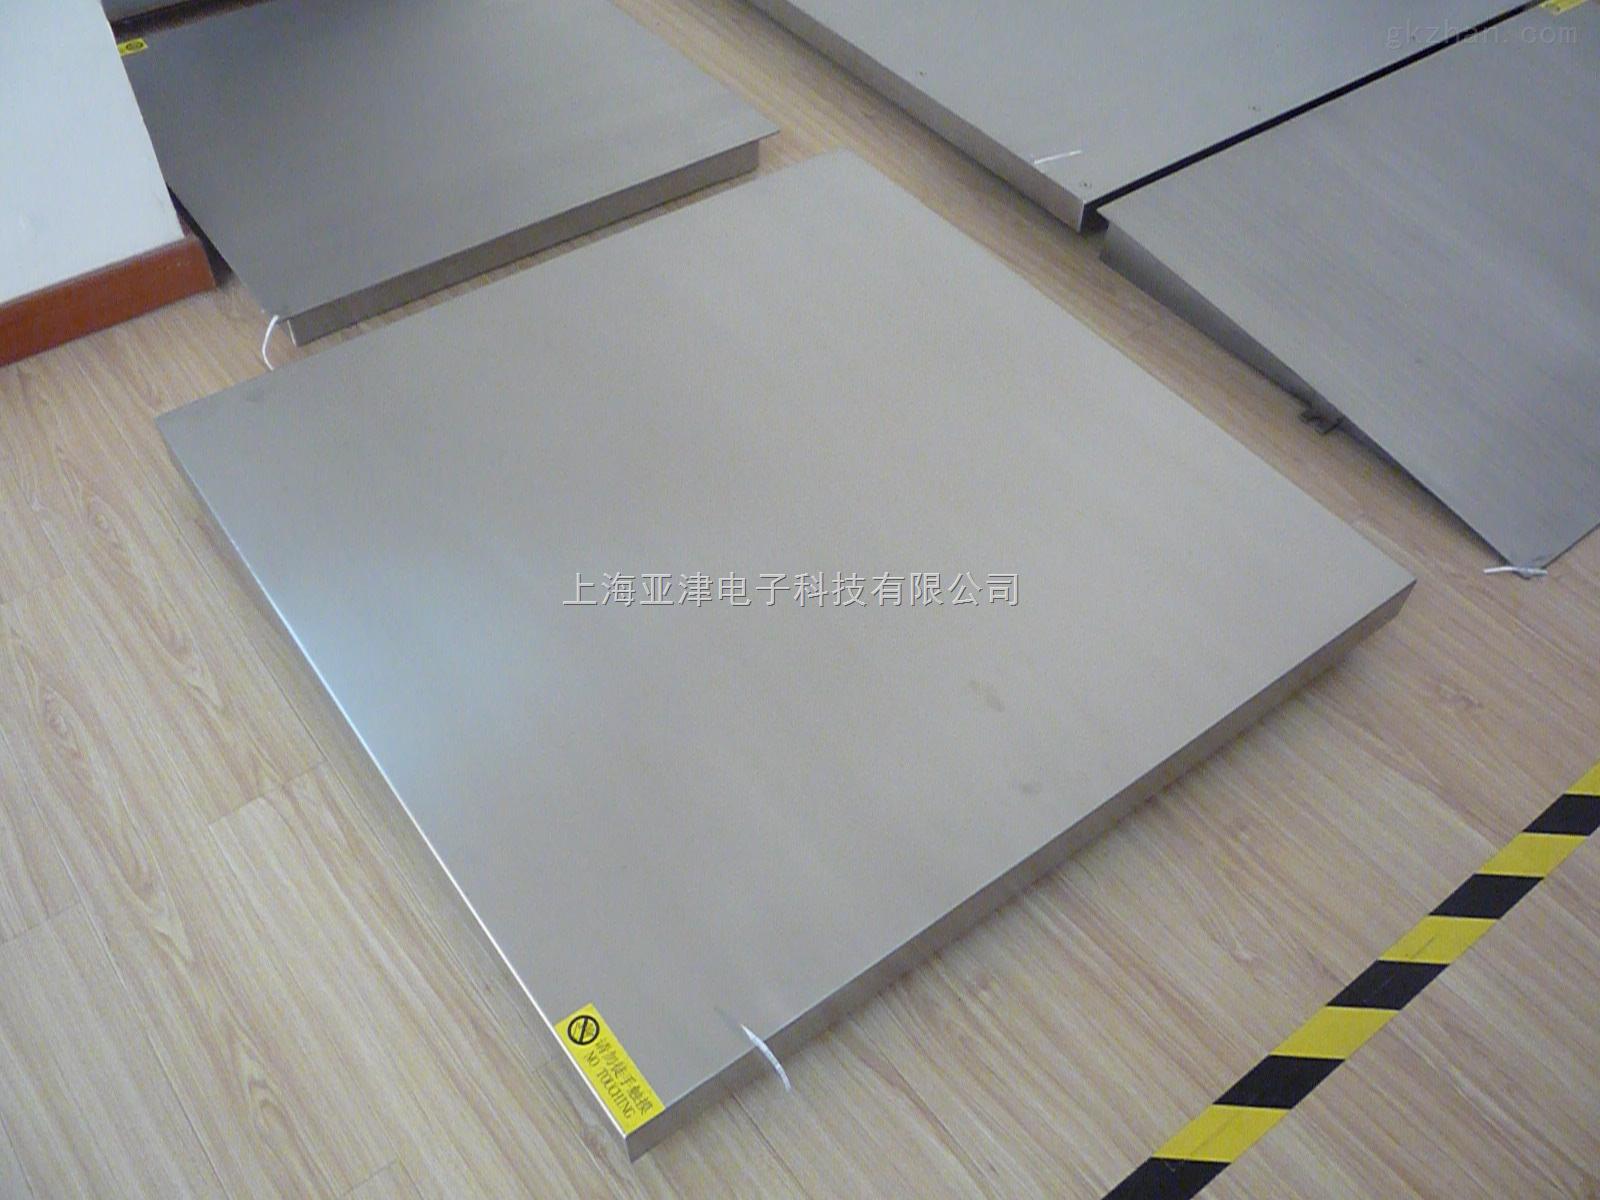 缓冲式不锈钢地磅电子秤  不锈钢机械地磅电子秤